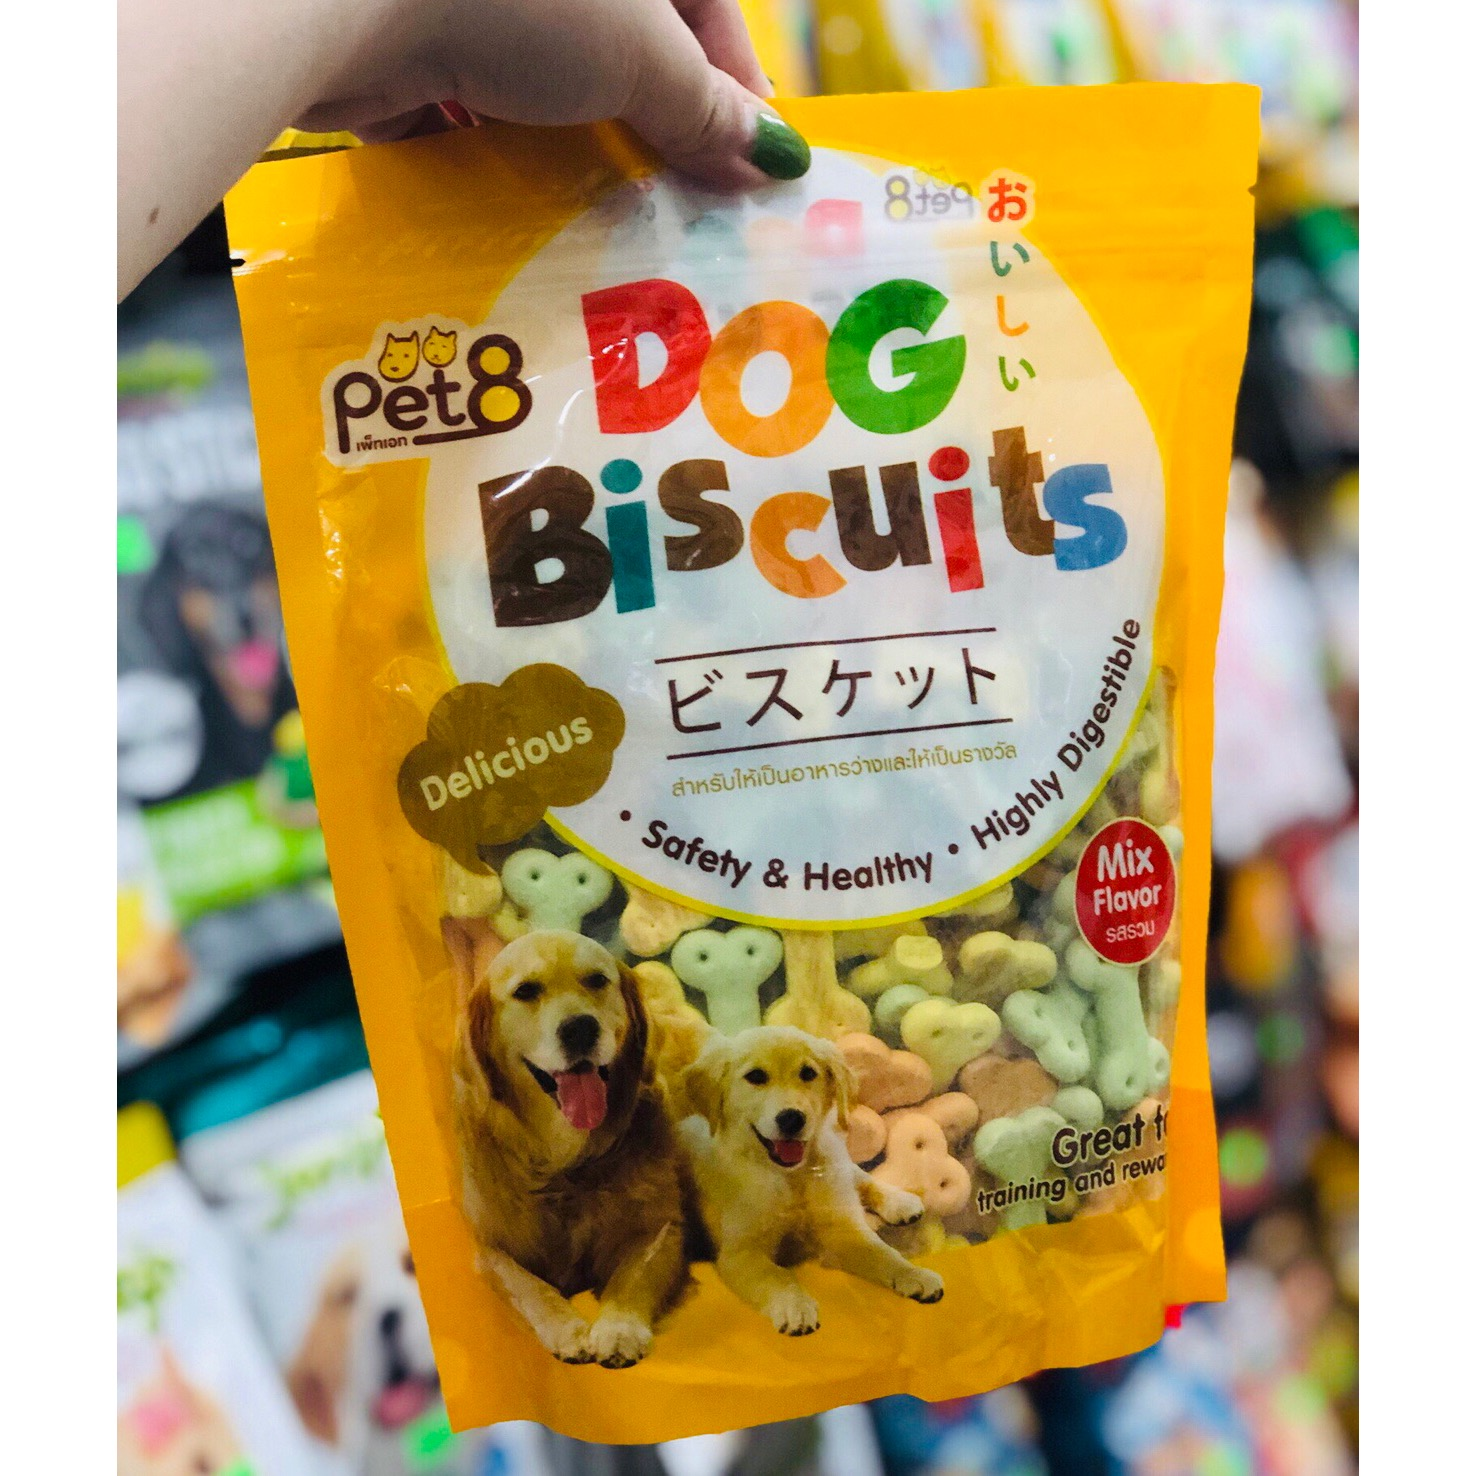 Bánh Qui Biscuit Hỗn Hợp Pet8 350g